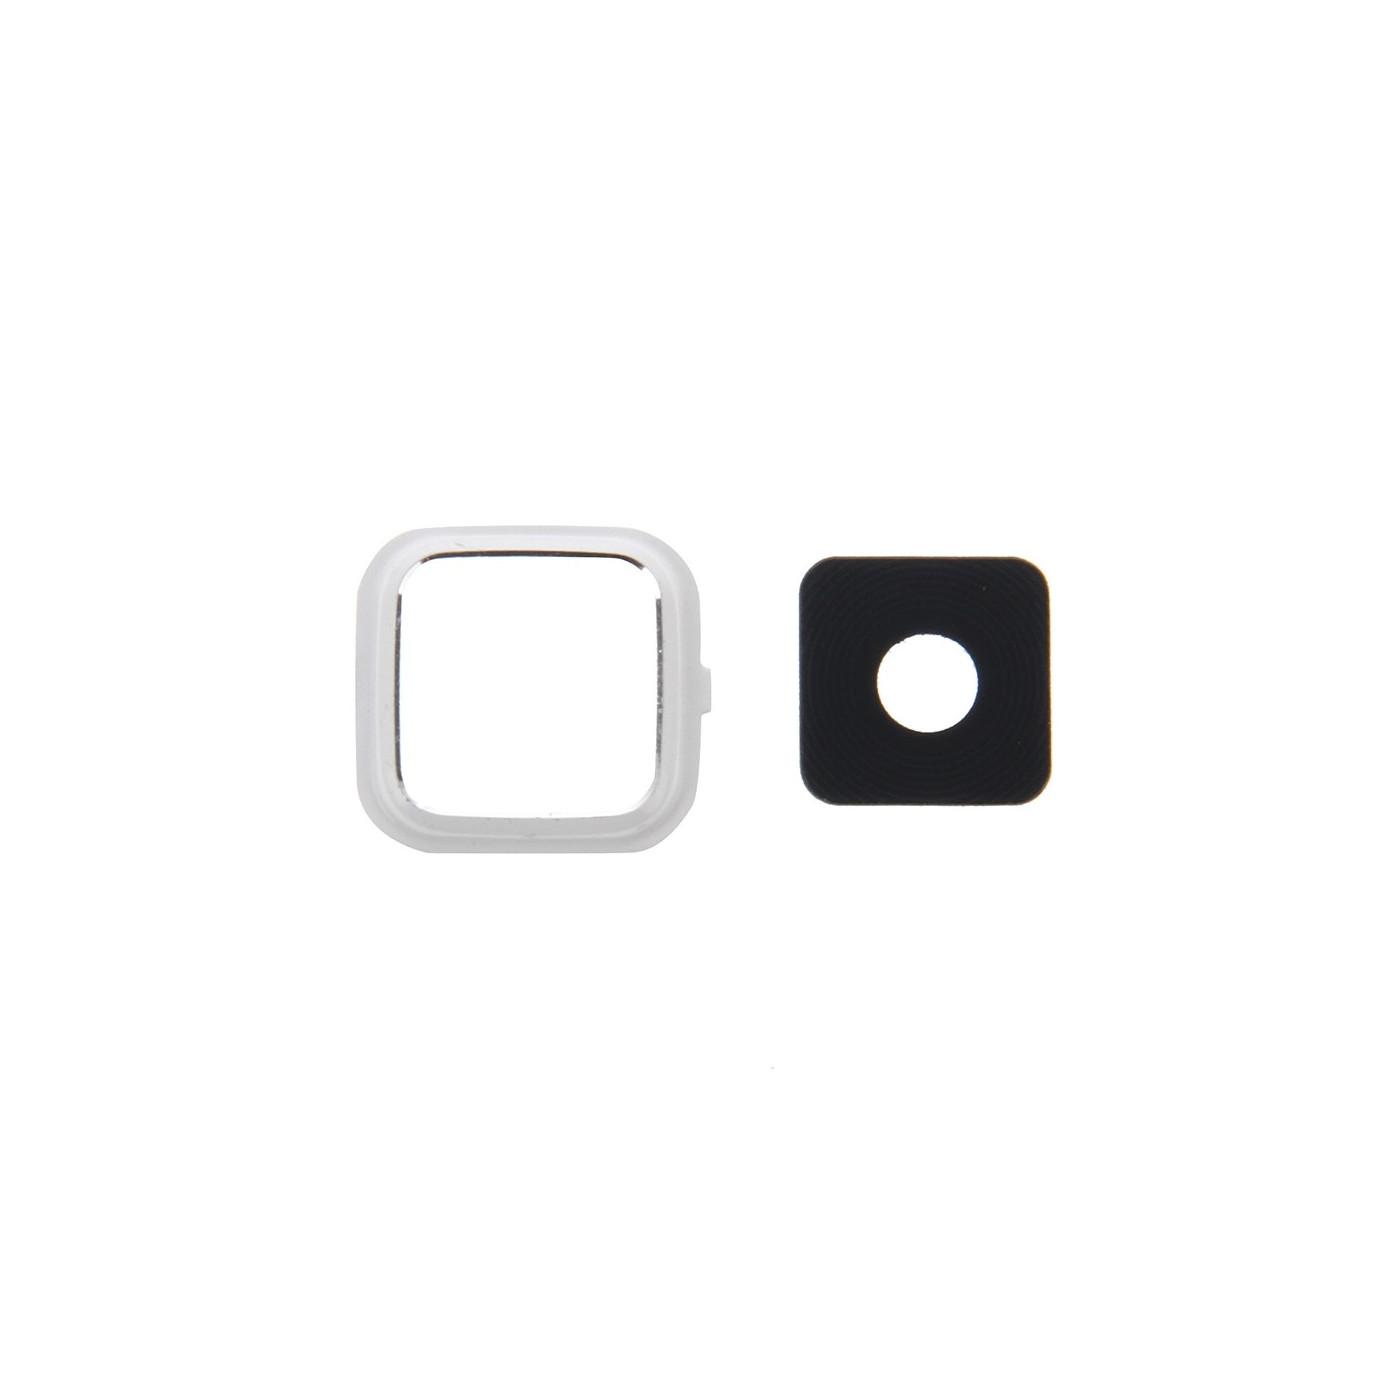 Lente fotocamera Camera Lens + Frame bianco cover Samsung Note 4 N910